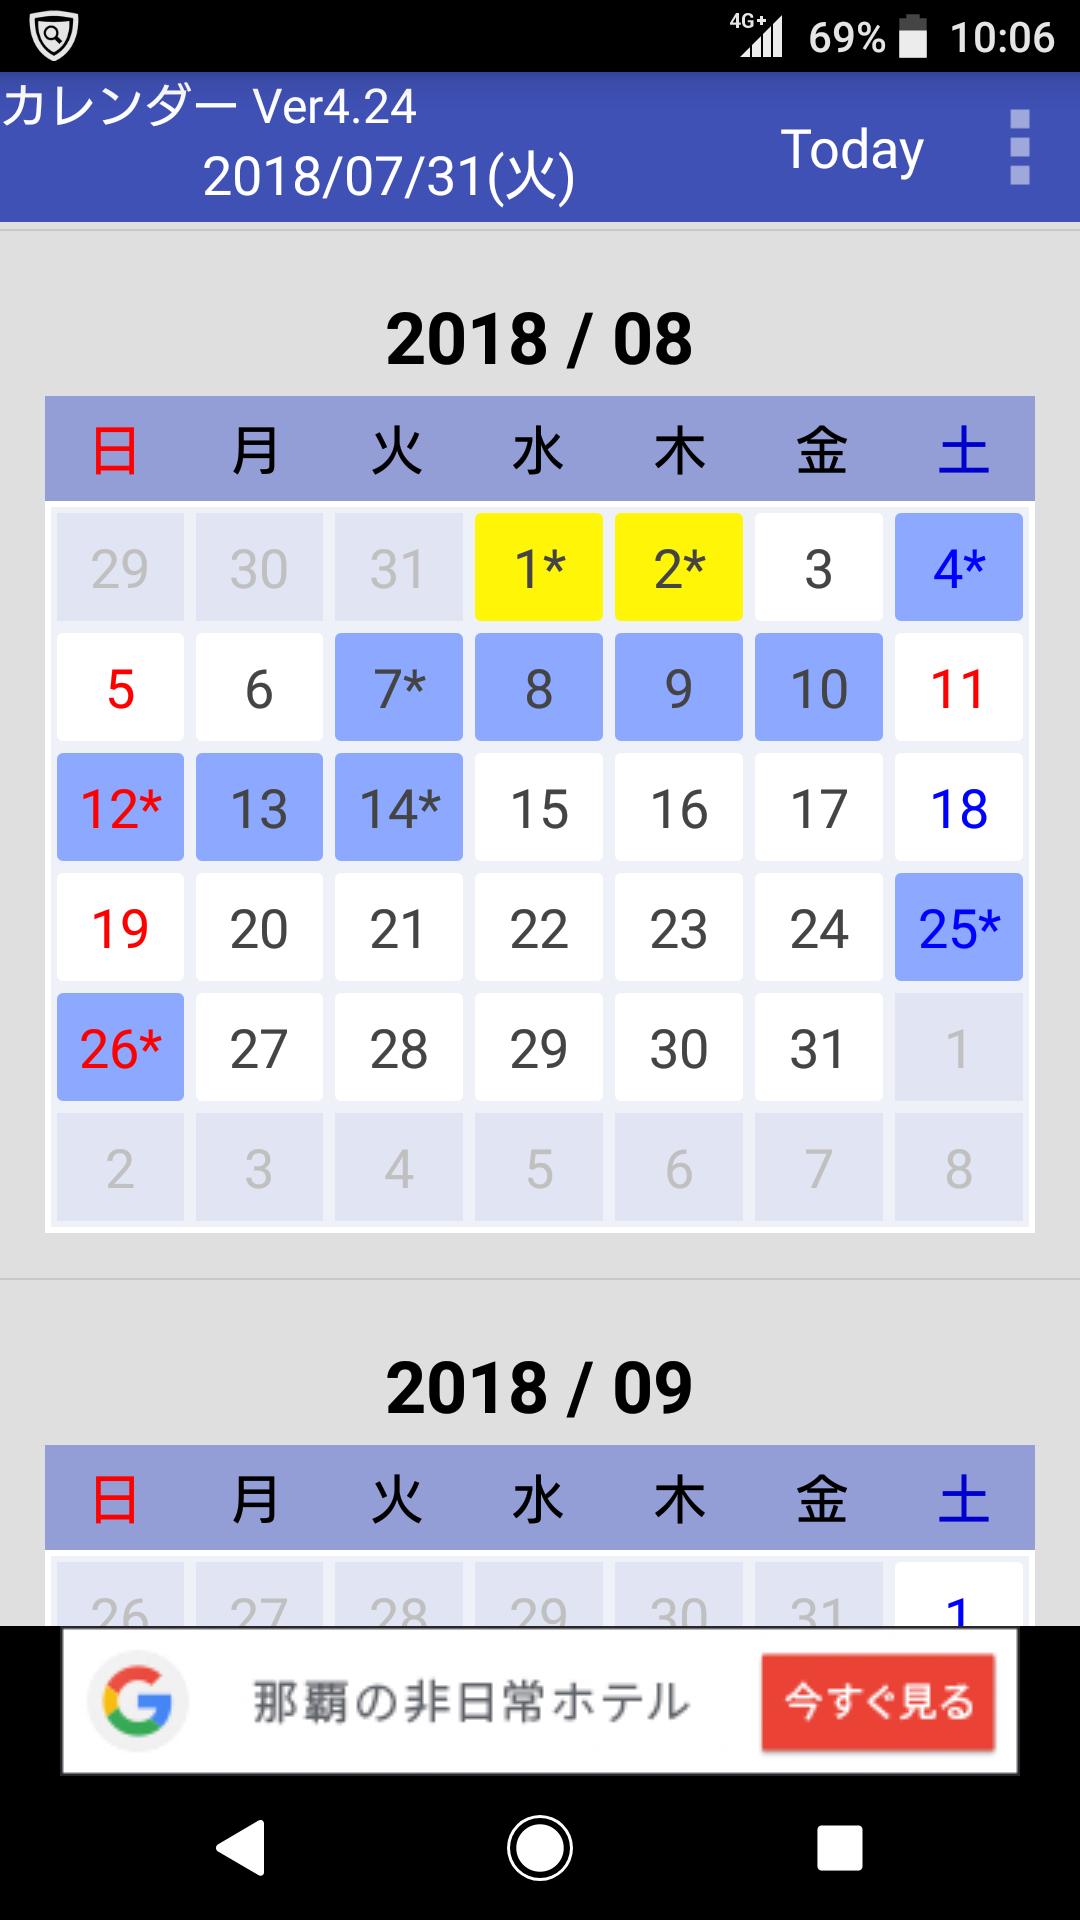 8月の予約状況_f0358212_10234200.png